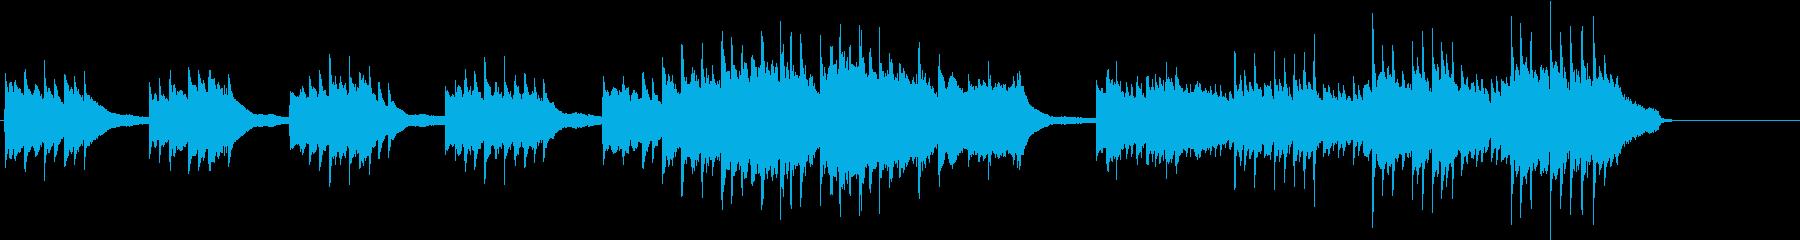 2台ピアノで旋律が印象的なBGMの再生済みの波形